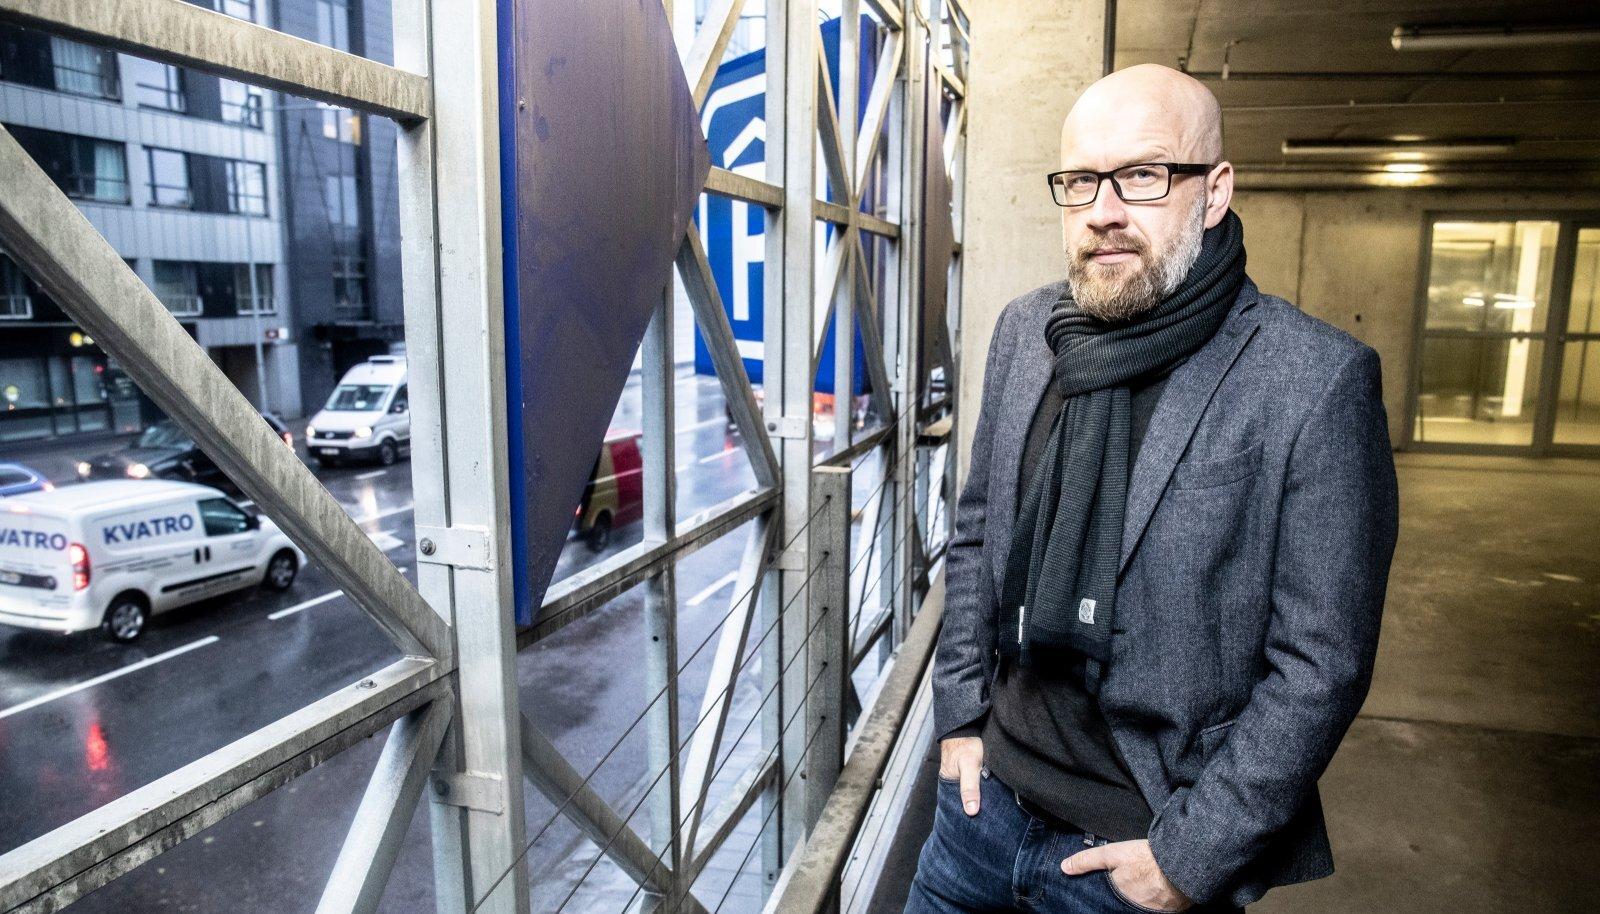 """""""Soome Elisa originaalsarjad on juba enne linastumist ette müüdud 20–30 riiki. Püüdes jääda põhjamaiselt tagasihoidlikuks, pean tunnistama, et eks see ole ka meie kaugem siht,"""" üleb Toomas Ili."""